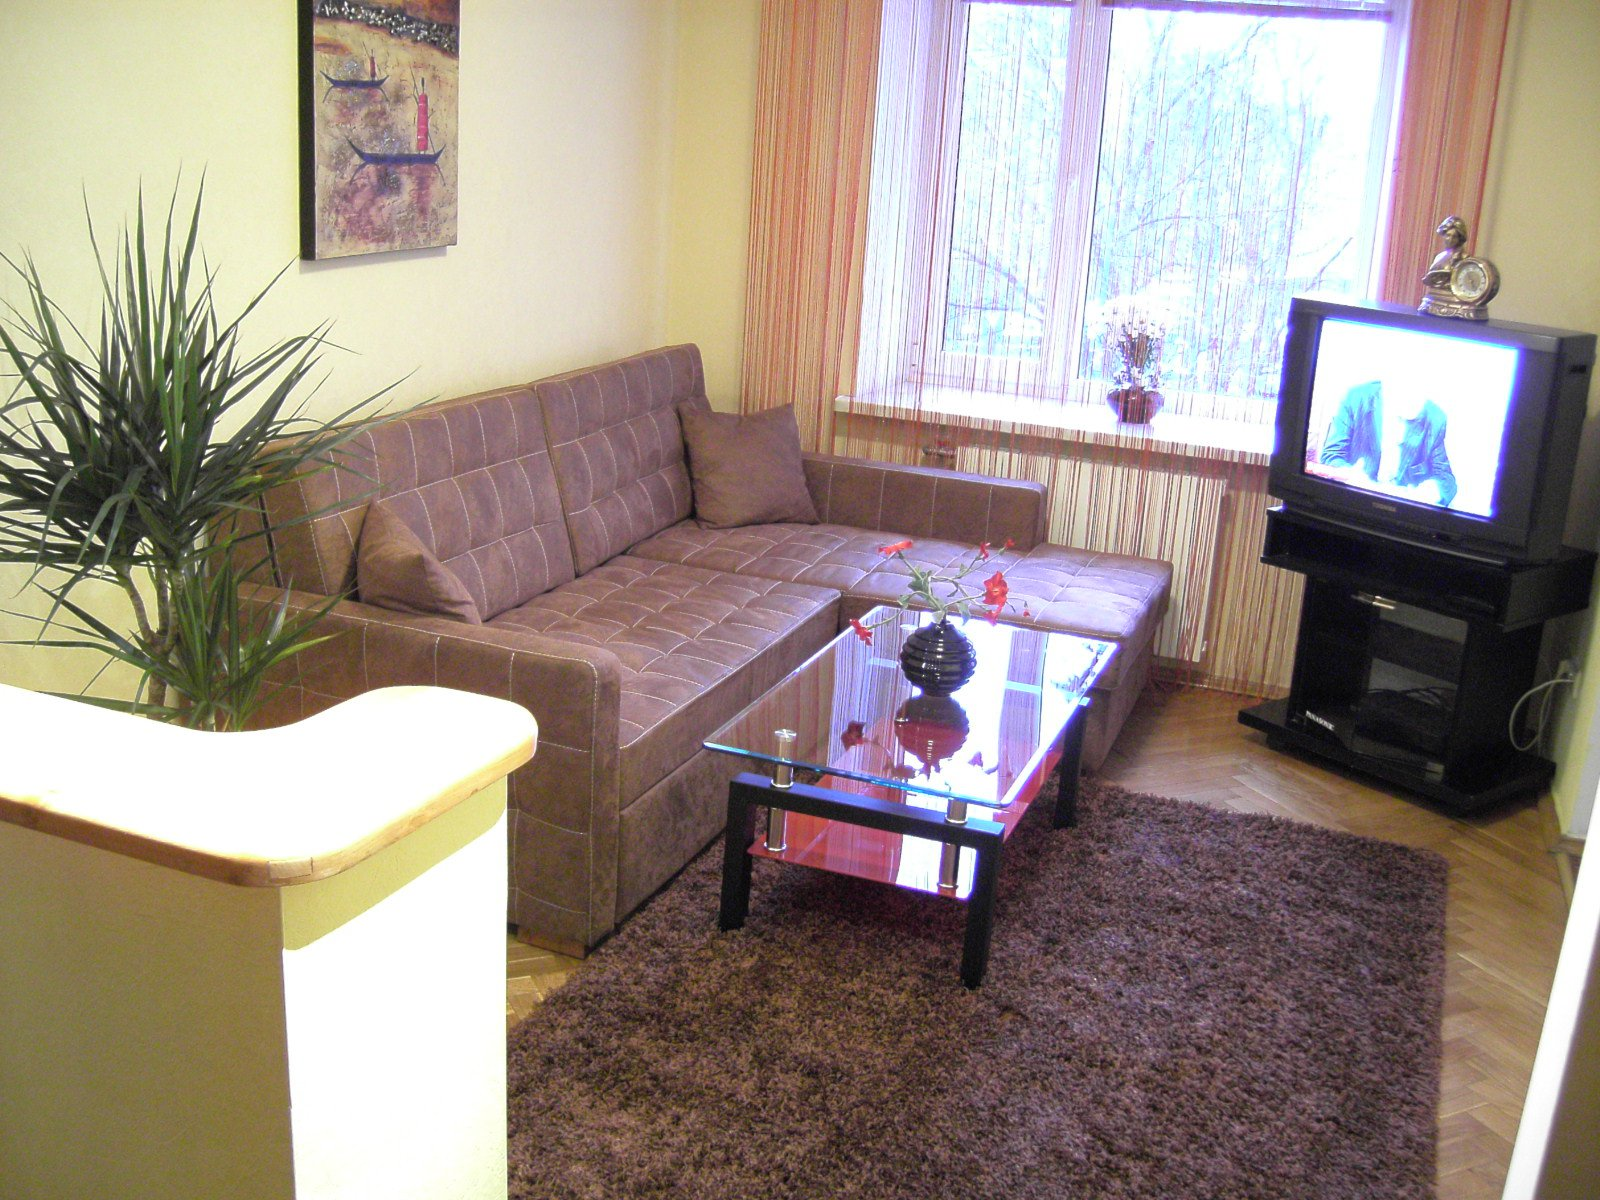 Сдам 2-х комнатную квартиру в центре Харькова, долгосрочно.